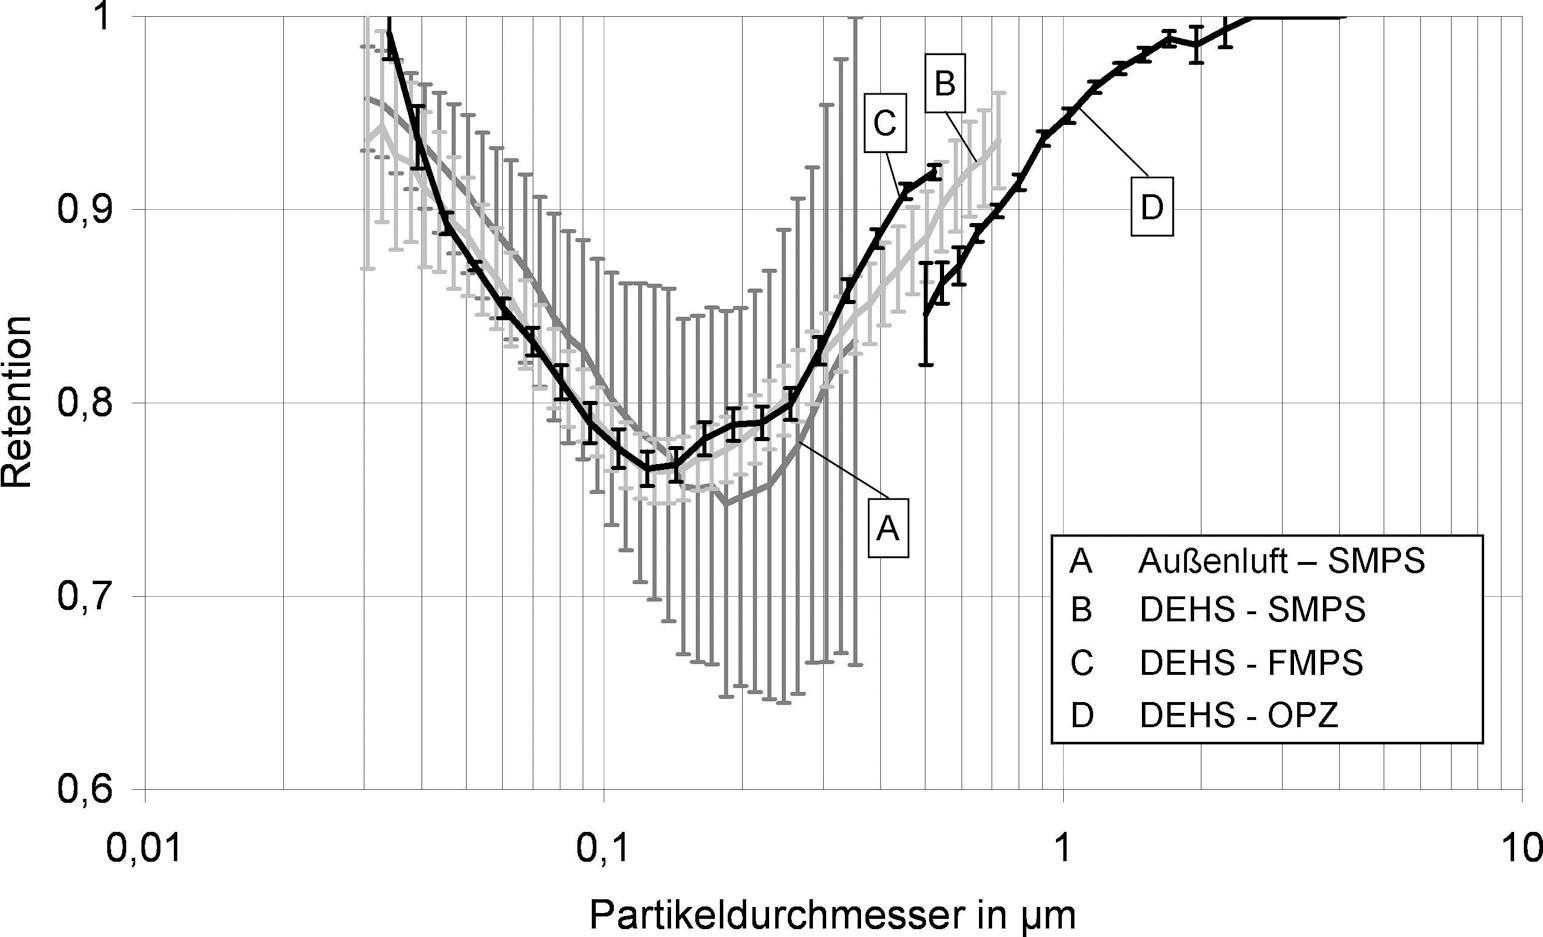 Bild 9. F9-Kassettenfilter (Glasfaser): Fraktionsabscheidegrad bei einer Außenluftexposition des Filters im Normprüfkanal nach DIN EN779 im Vergleich zu DEHS-Fraktionsabscheidegraden. Quelle: IUTA/Uni Duisburg/Essen